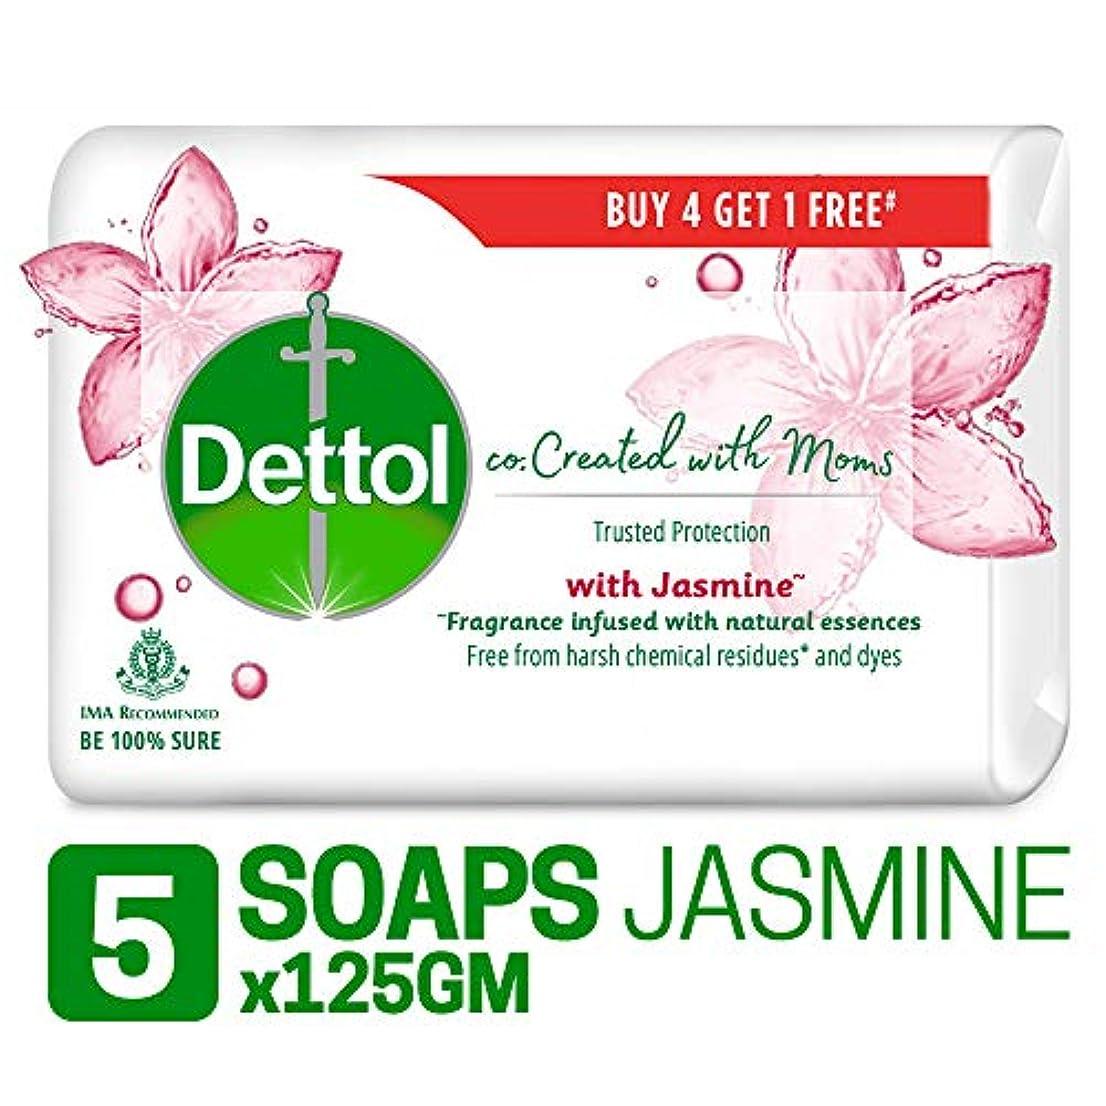 アセンブリ再撮りポインタDettol Co-created with moms Jasmine Bathing Soap, 125gm (Buy 4 Get 1 Free)